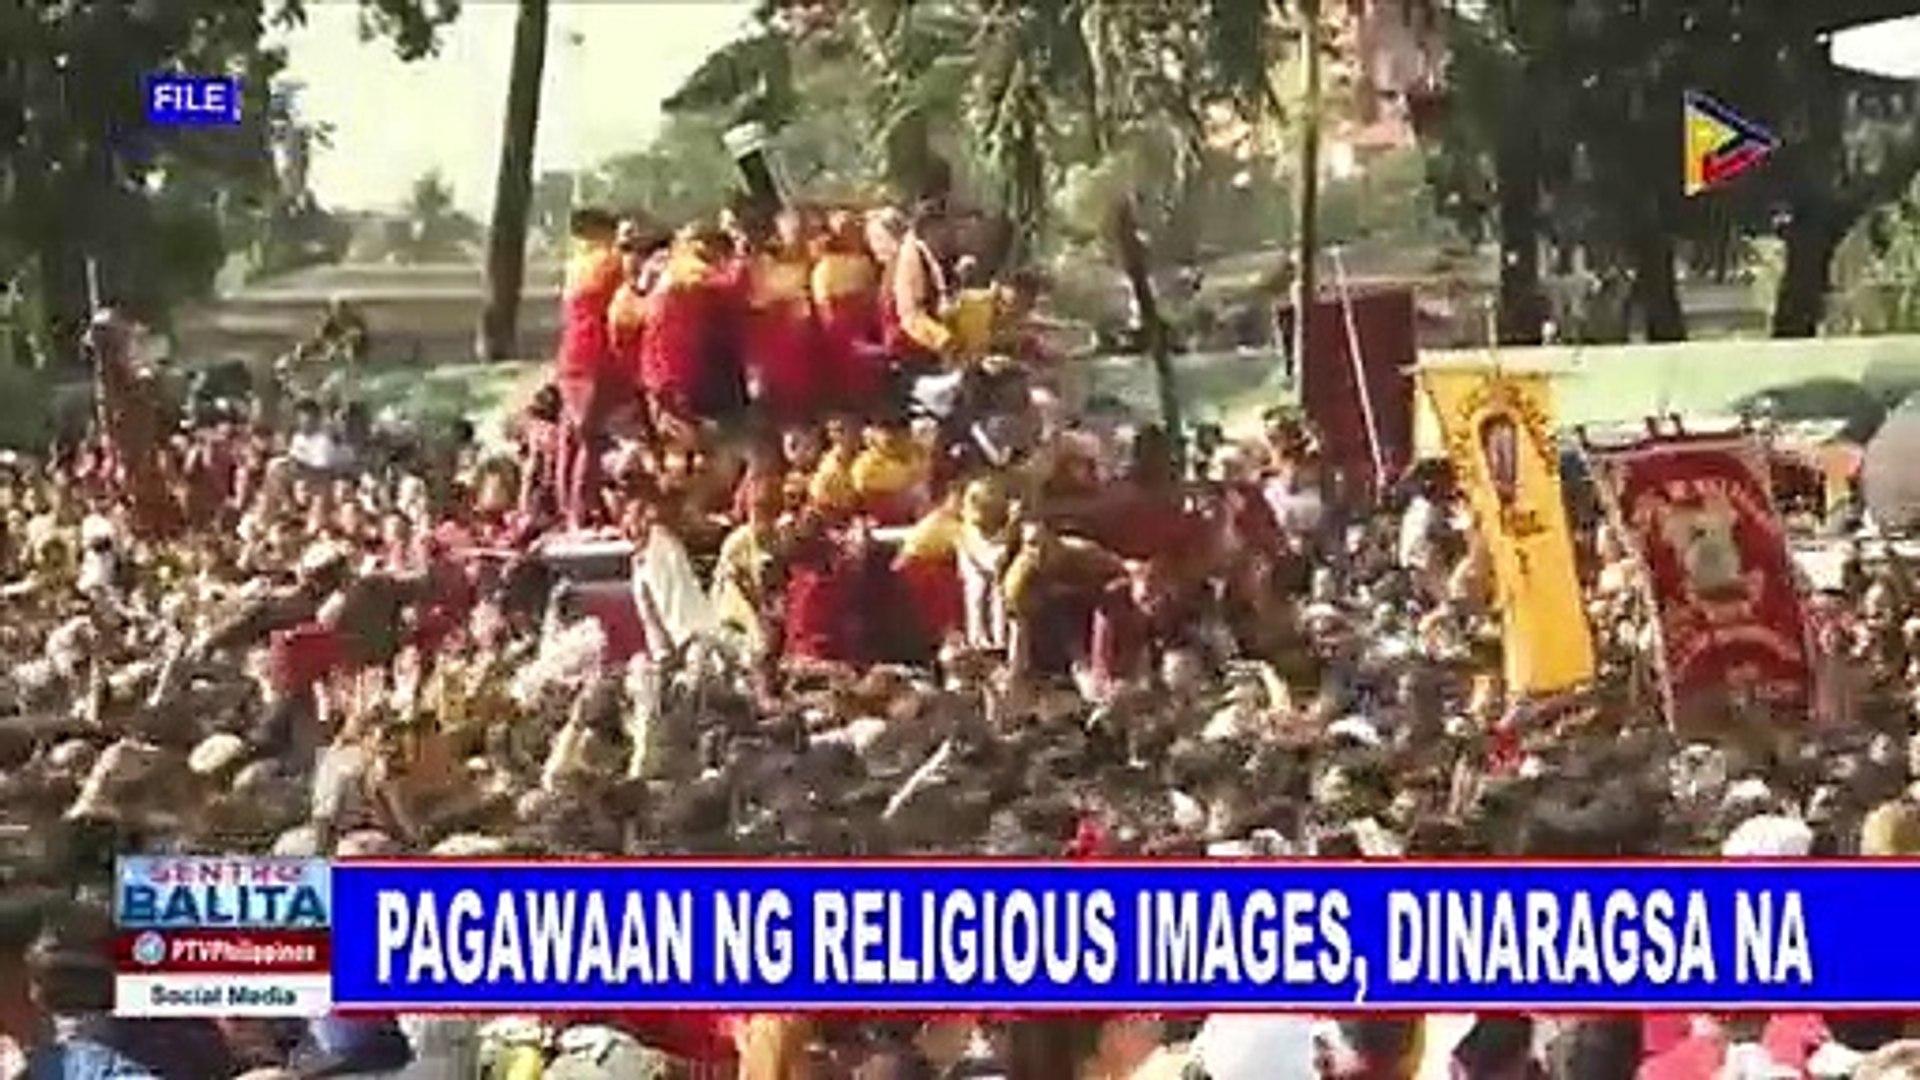 Pagawaan ng religious images, dinaragsa na